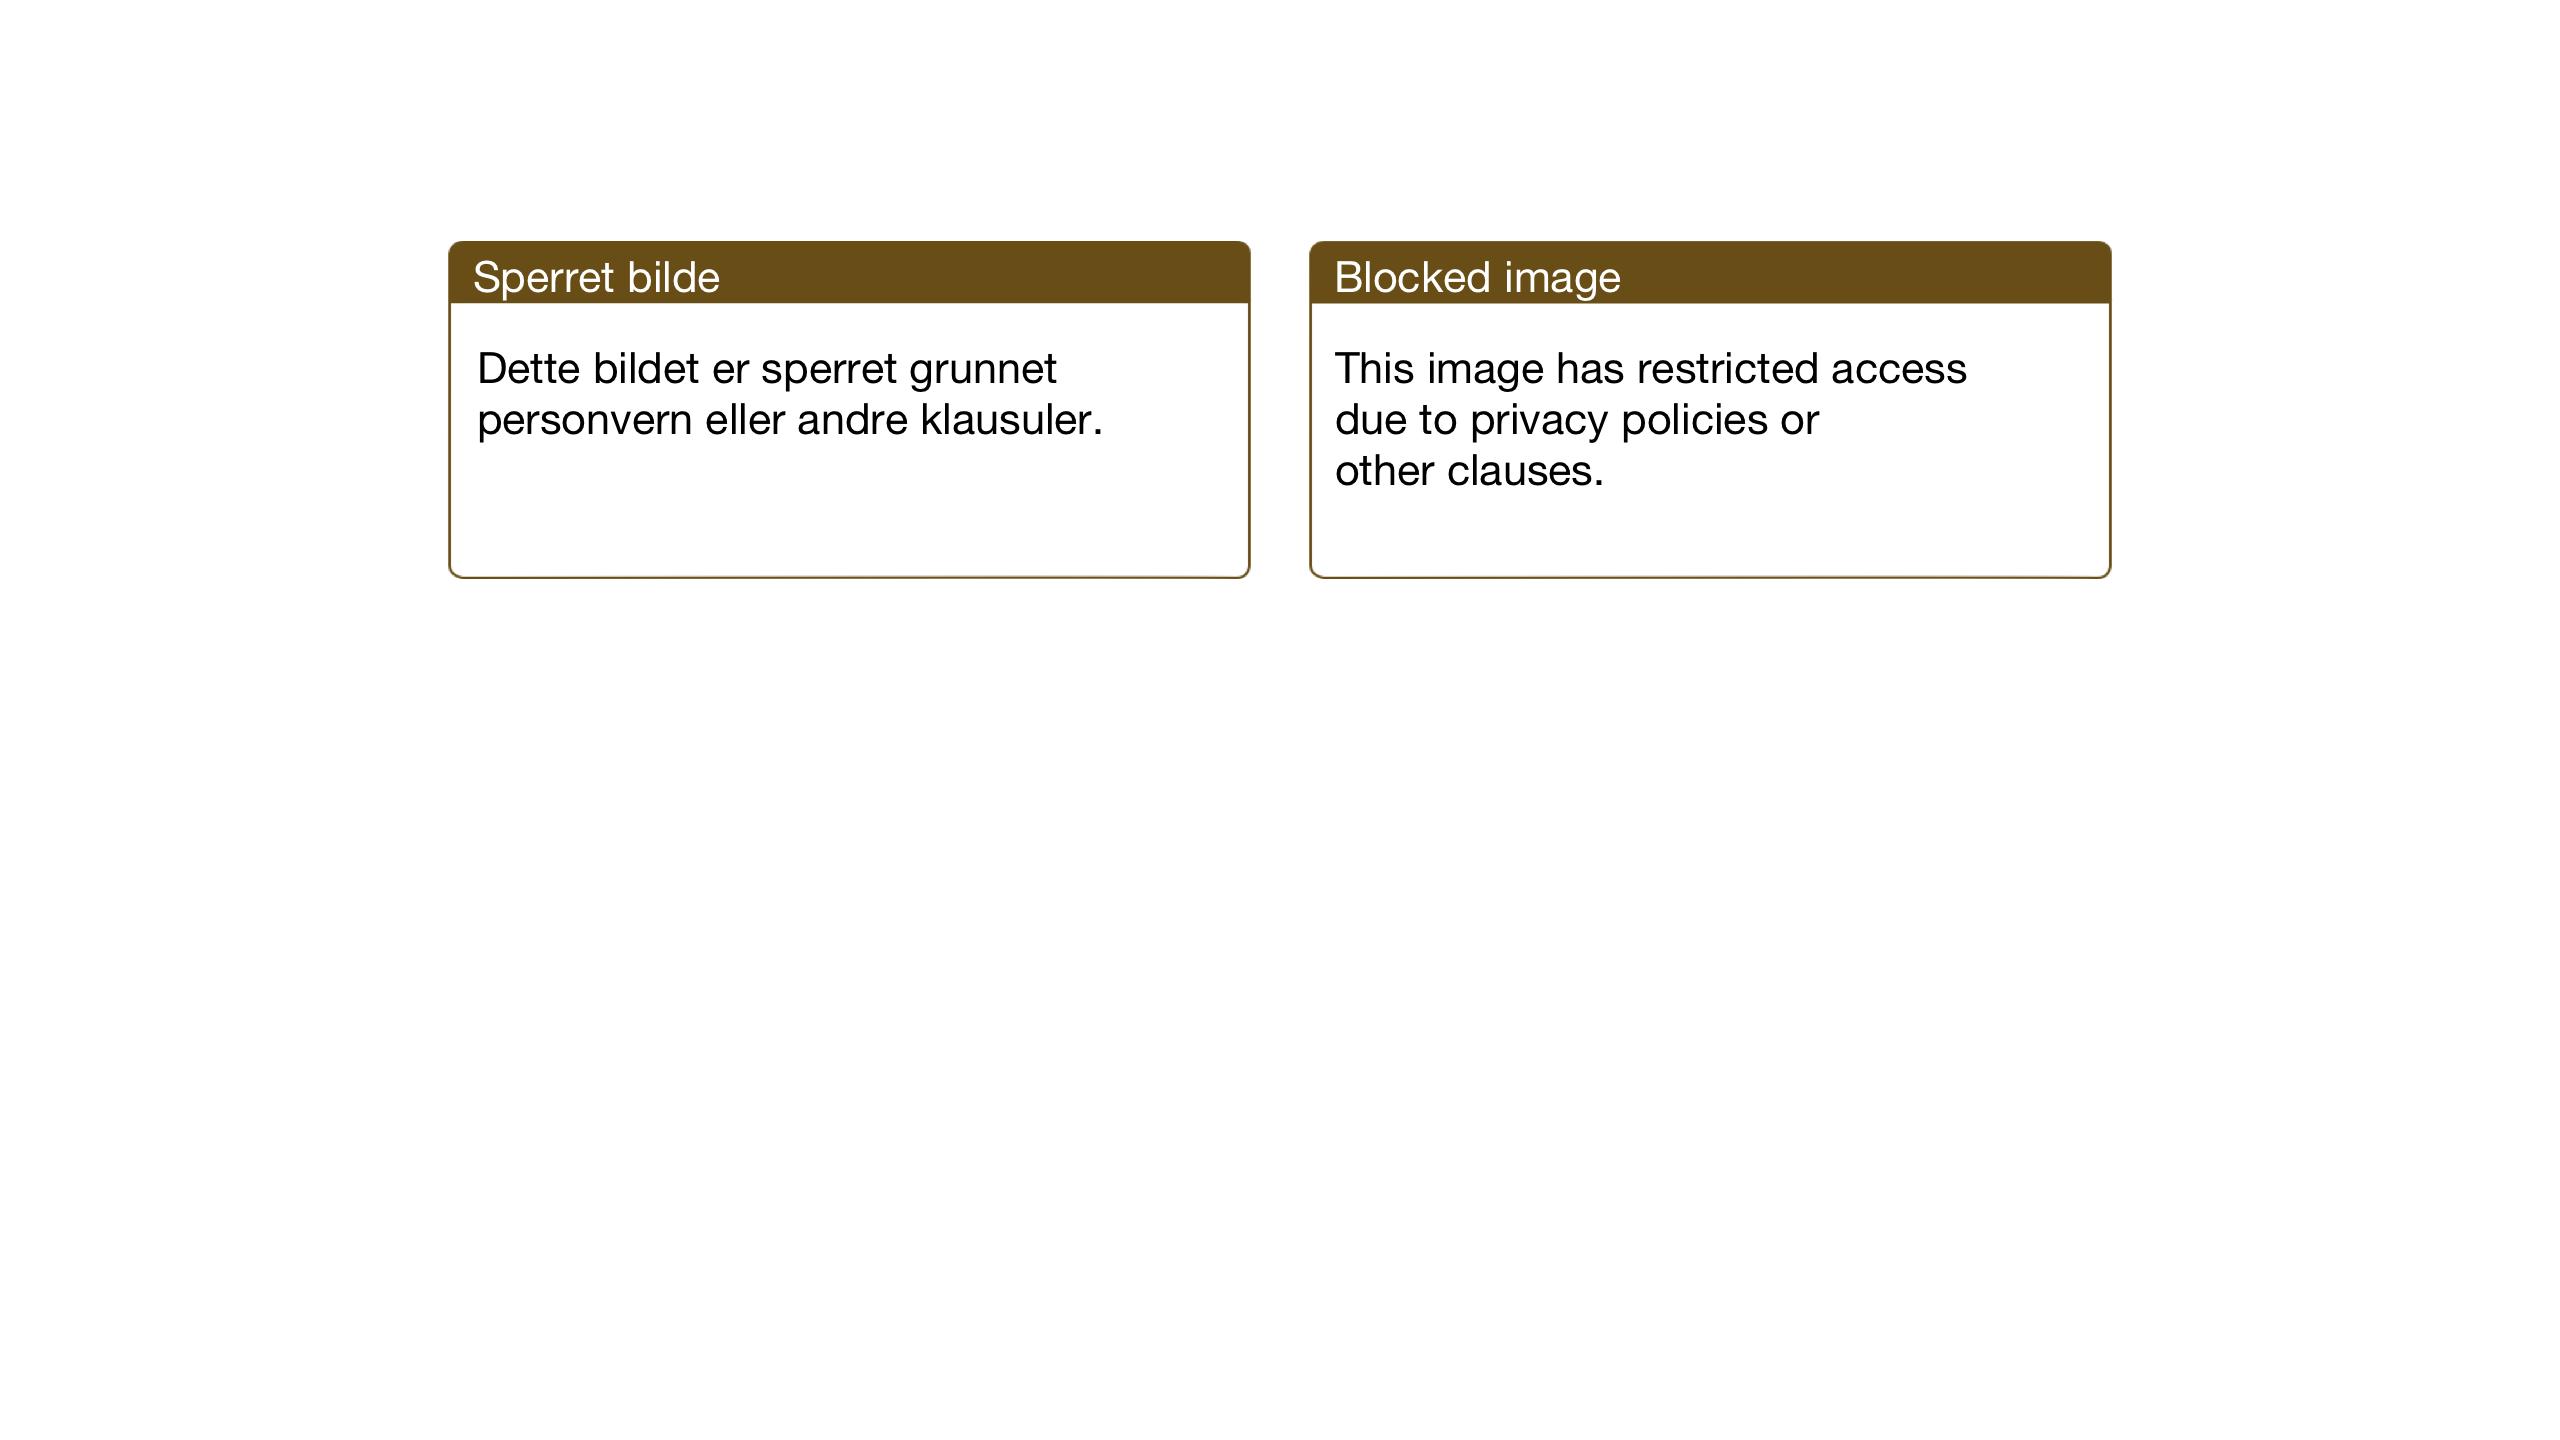 SAT, Ministerialprotokoller, klokkerbøker og fødselsregistre - Nord-Trøndelag, 714/L0136: Klokkerbok nr. 714C05, 1918-1957, s. 234